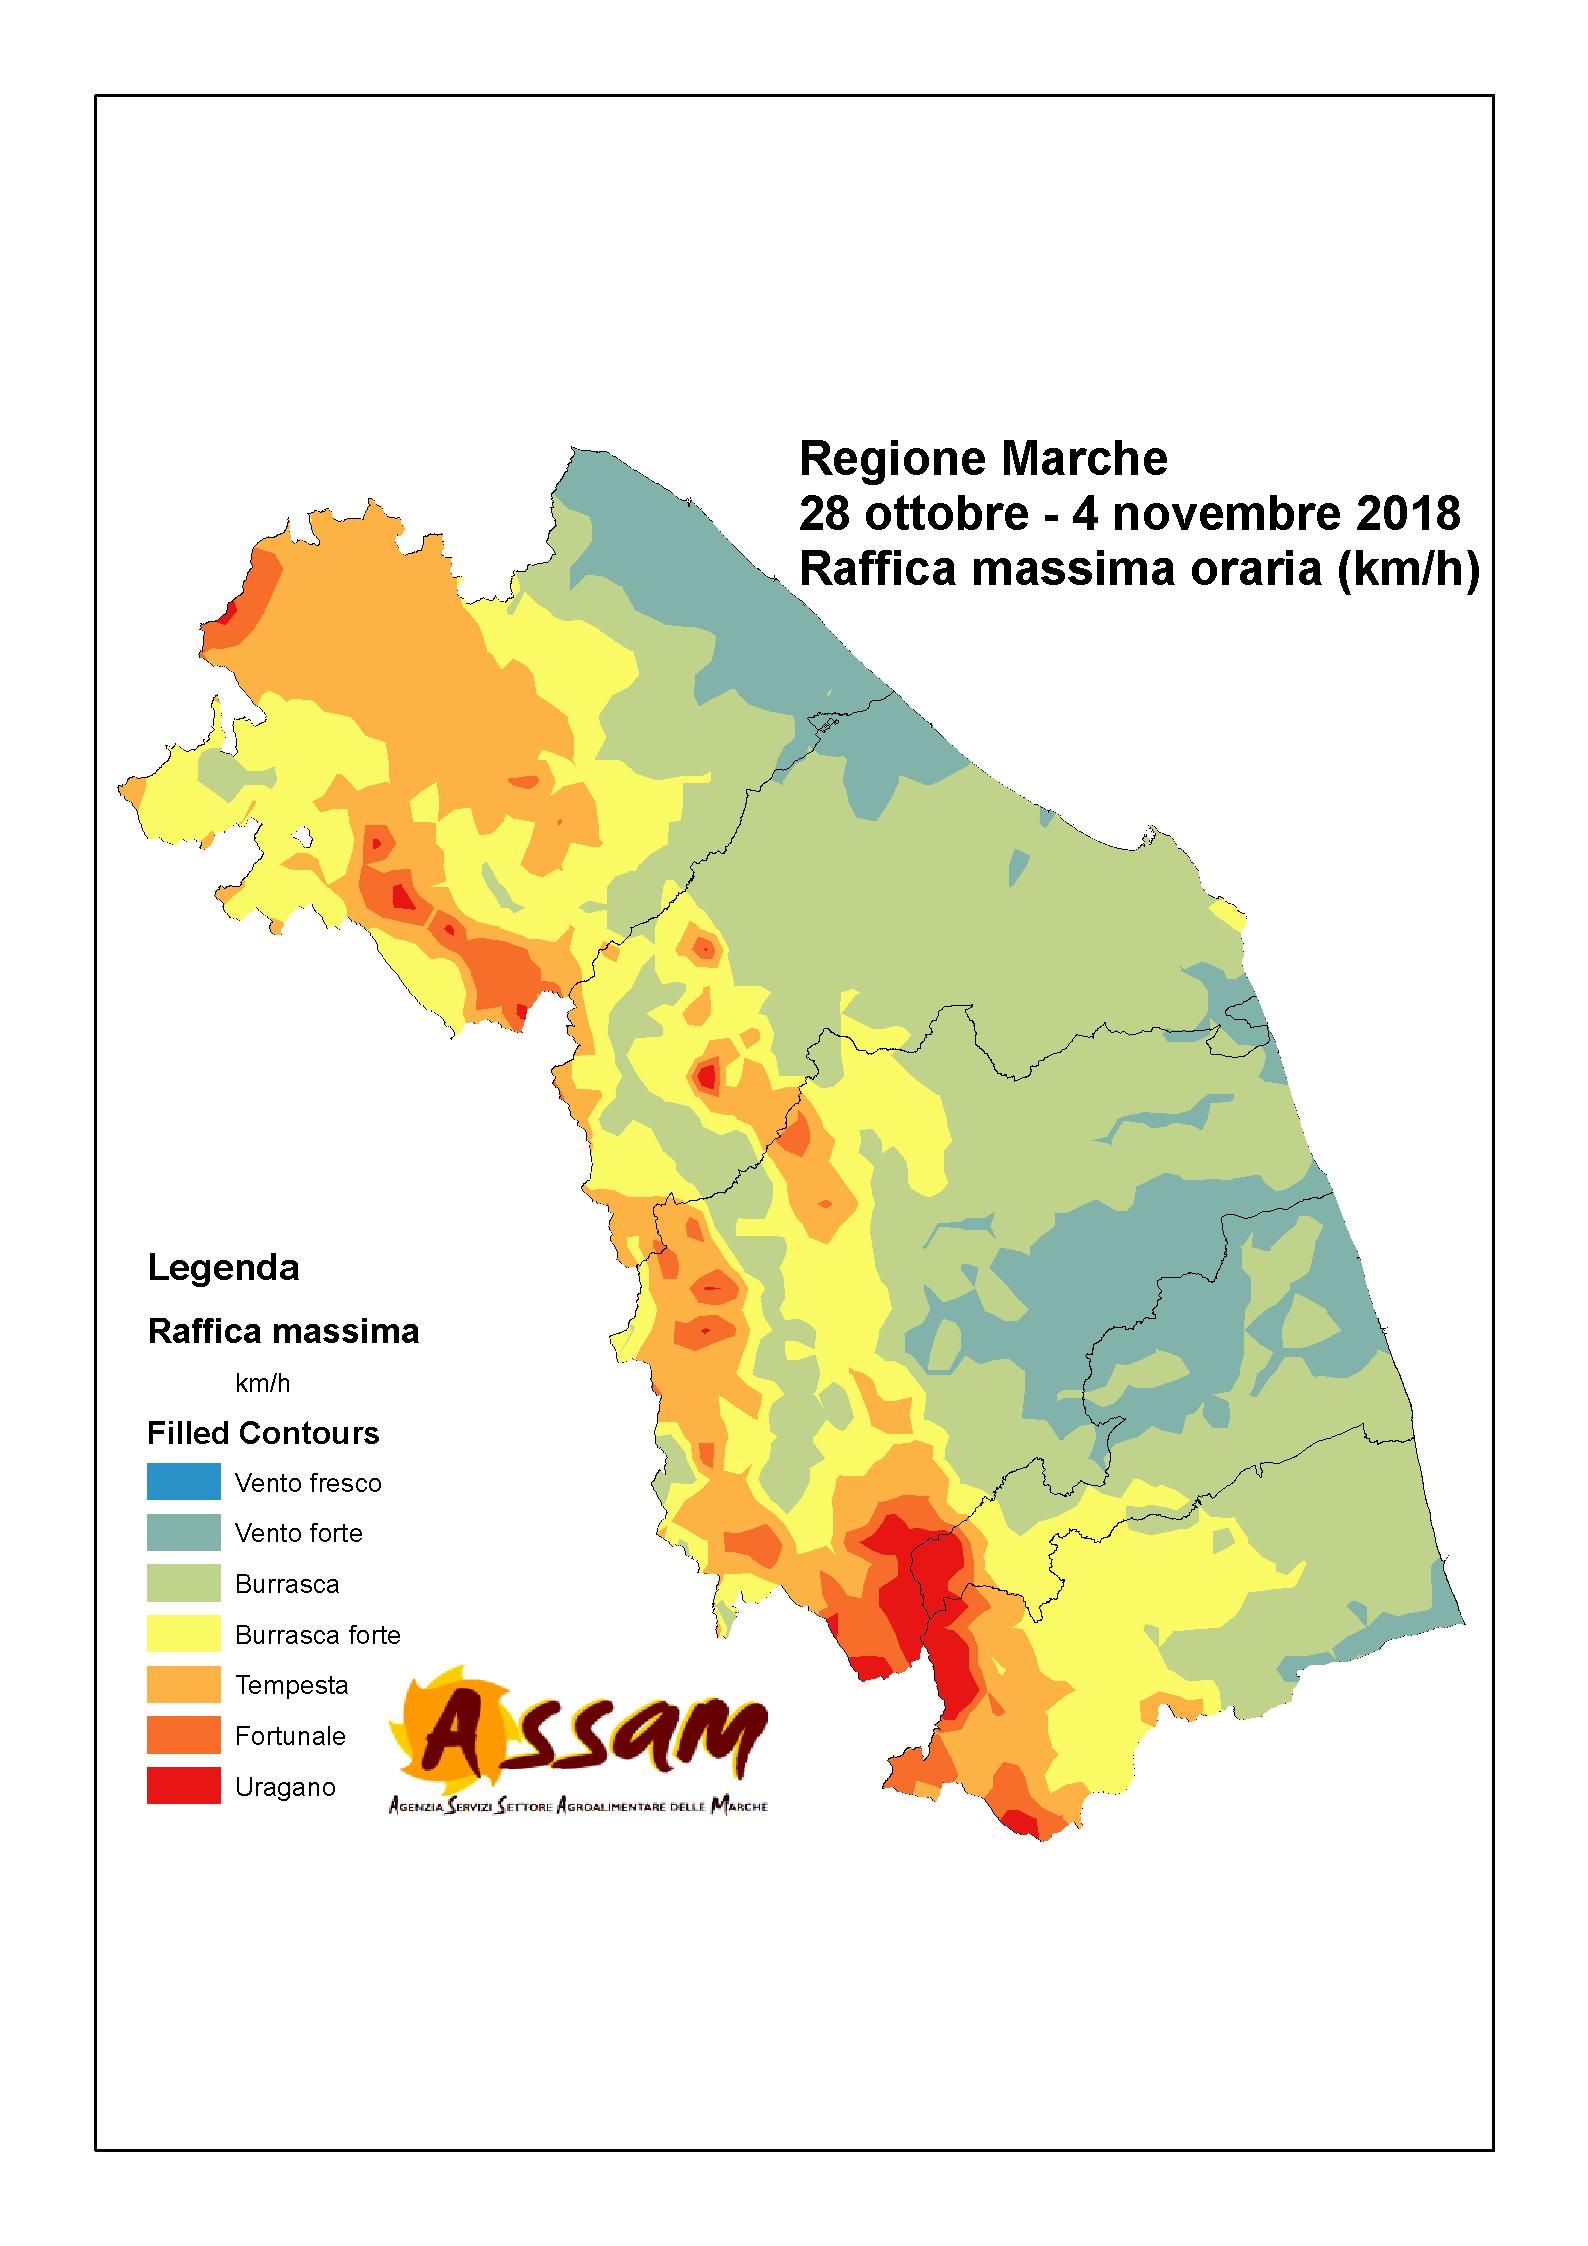 Meteo ASSAM Regione Marche - mappa raffica massima